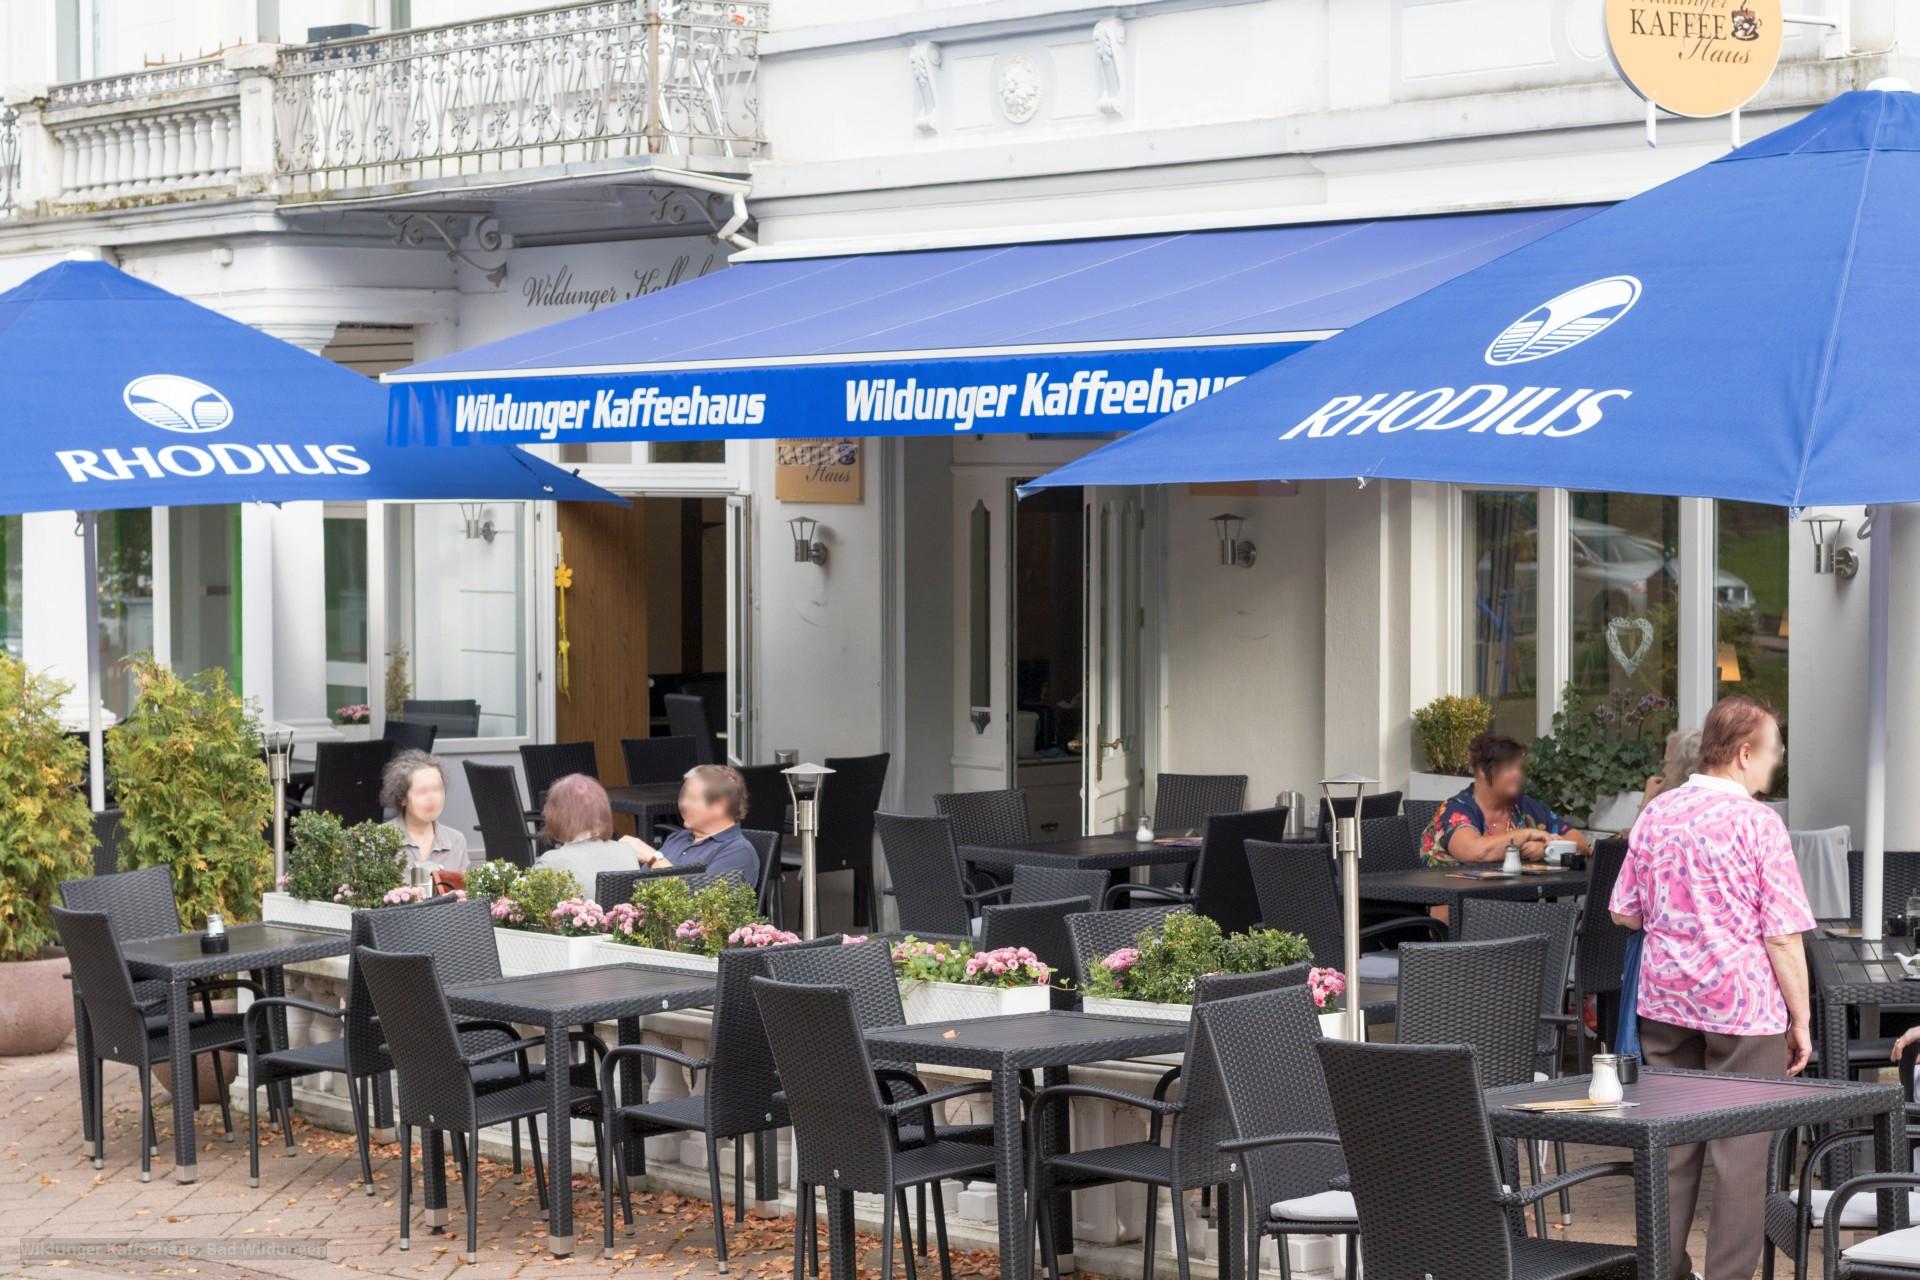 Wildunger Kaffeehaus